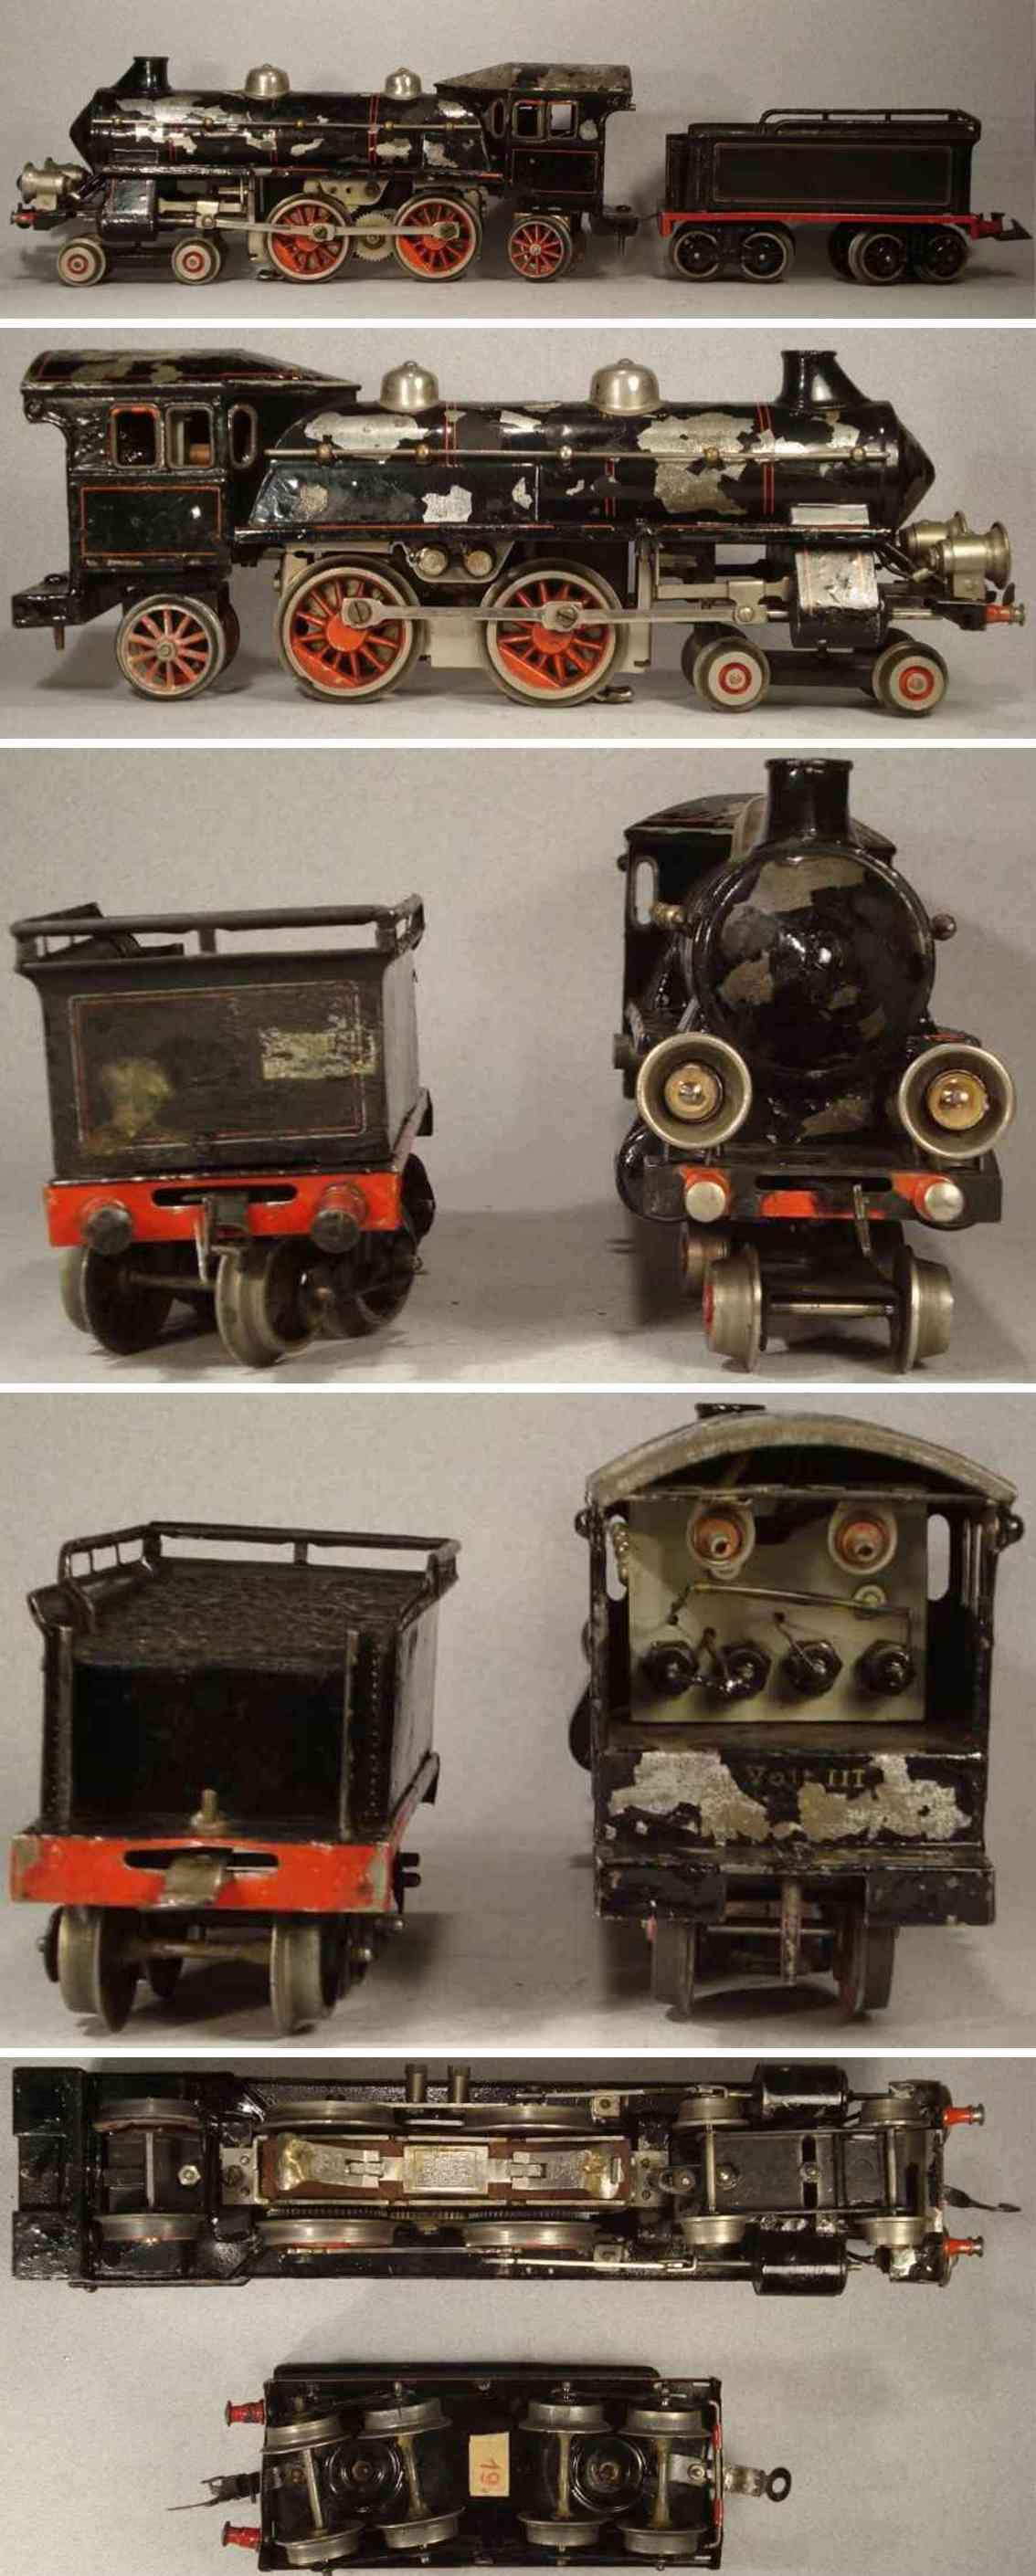 bing 11/8669 oder 11/887/0 spielzeug eisenbahn lokomotive starkstromdampflokomotive 2 b1 mit 4-achsigem tender, schwar